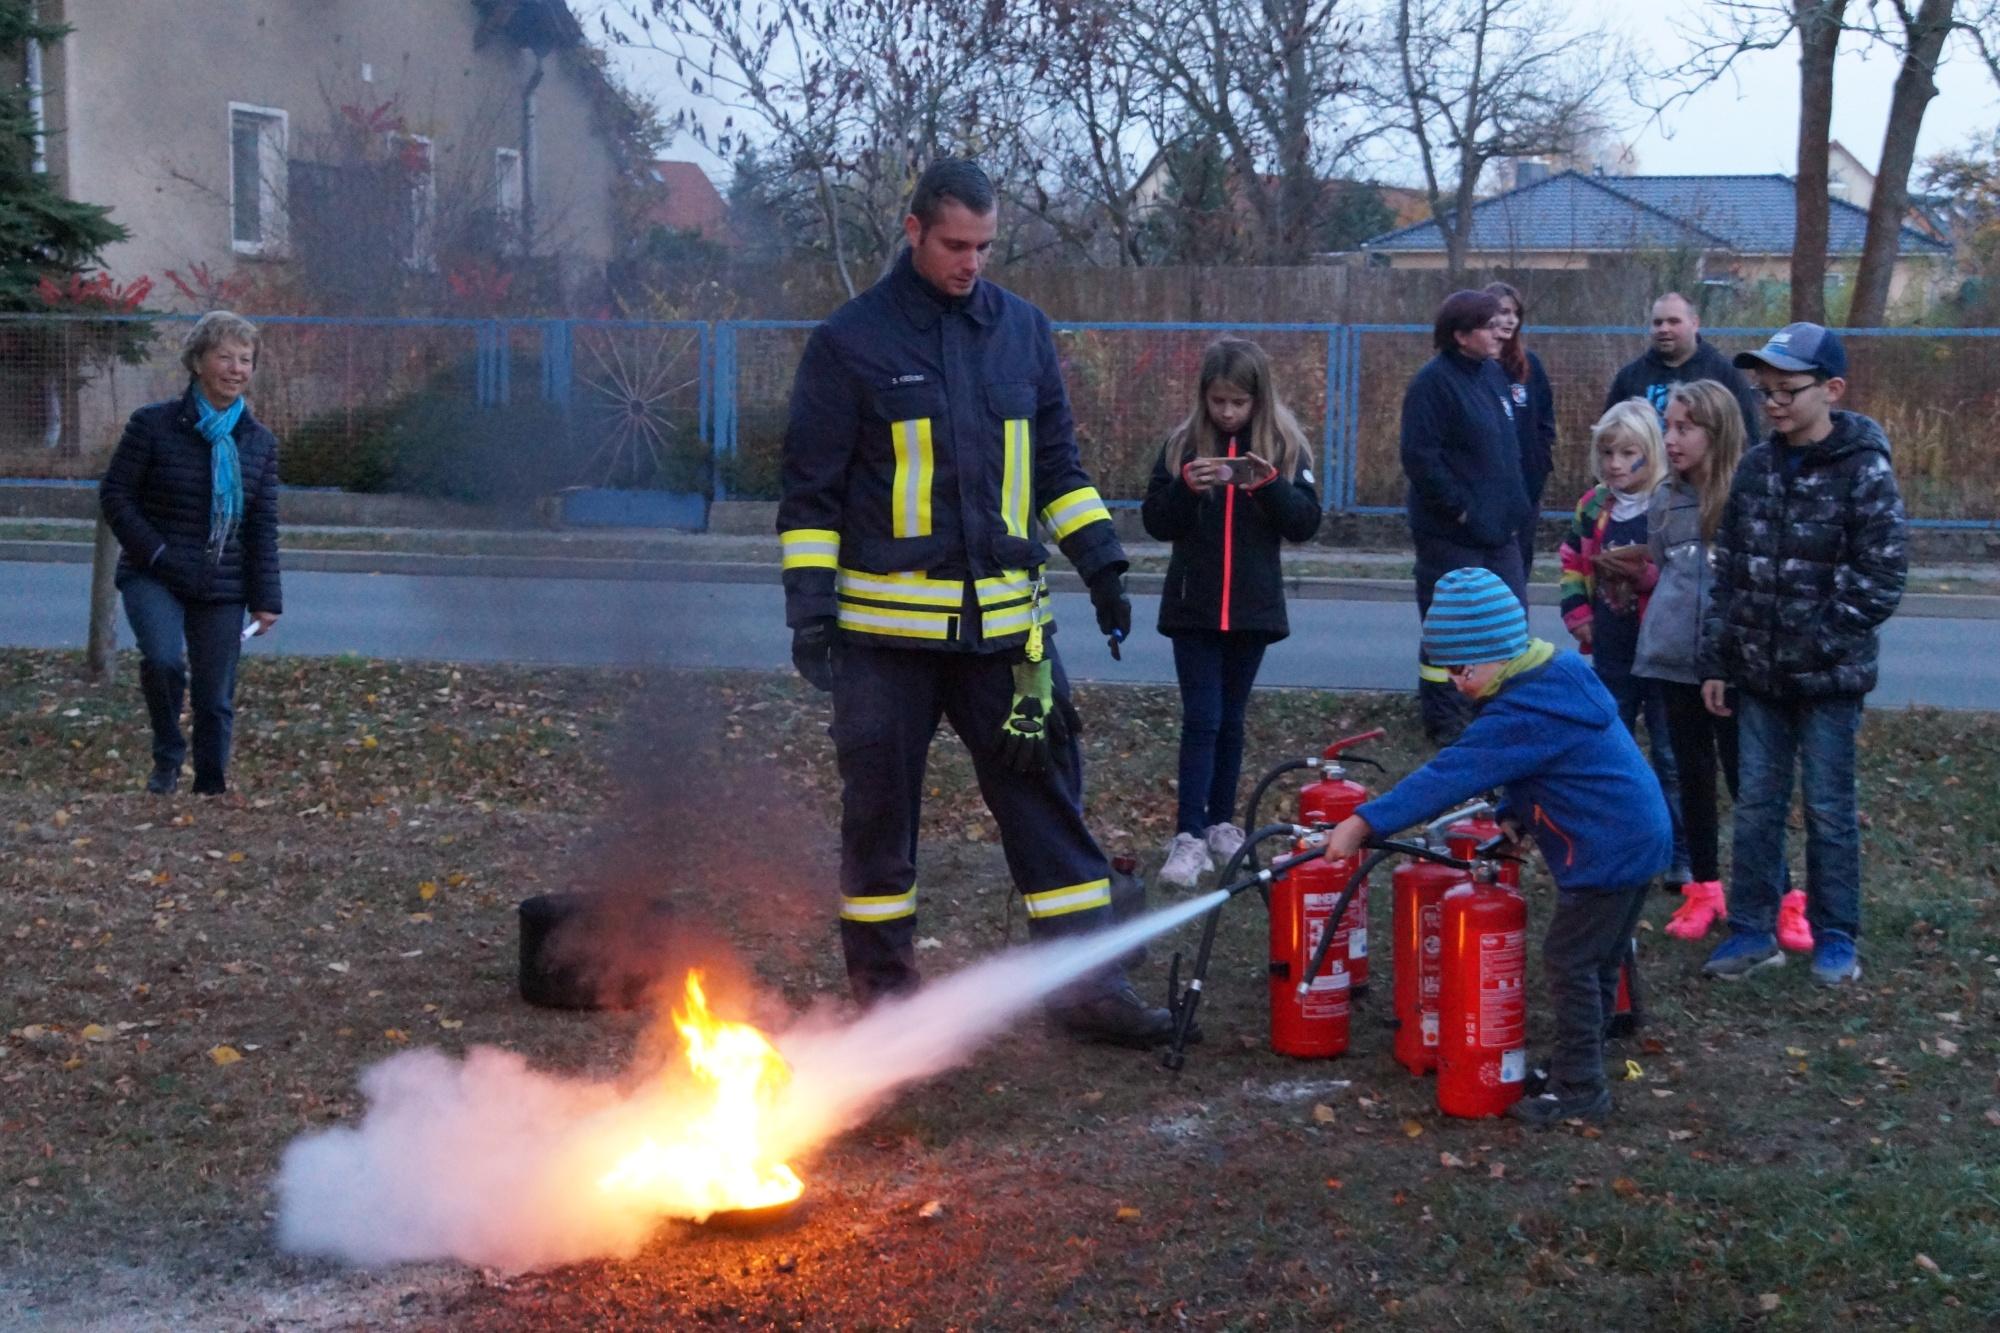 Feuerwehr_Tag_der_offenen_Tür_2018_45